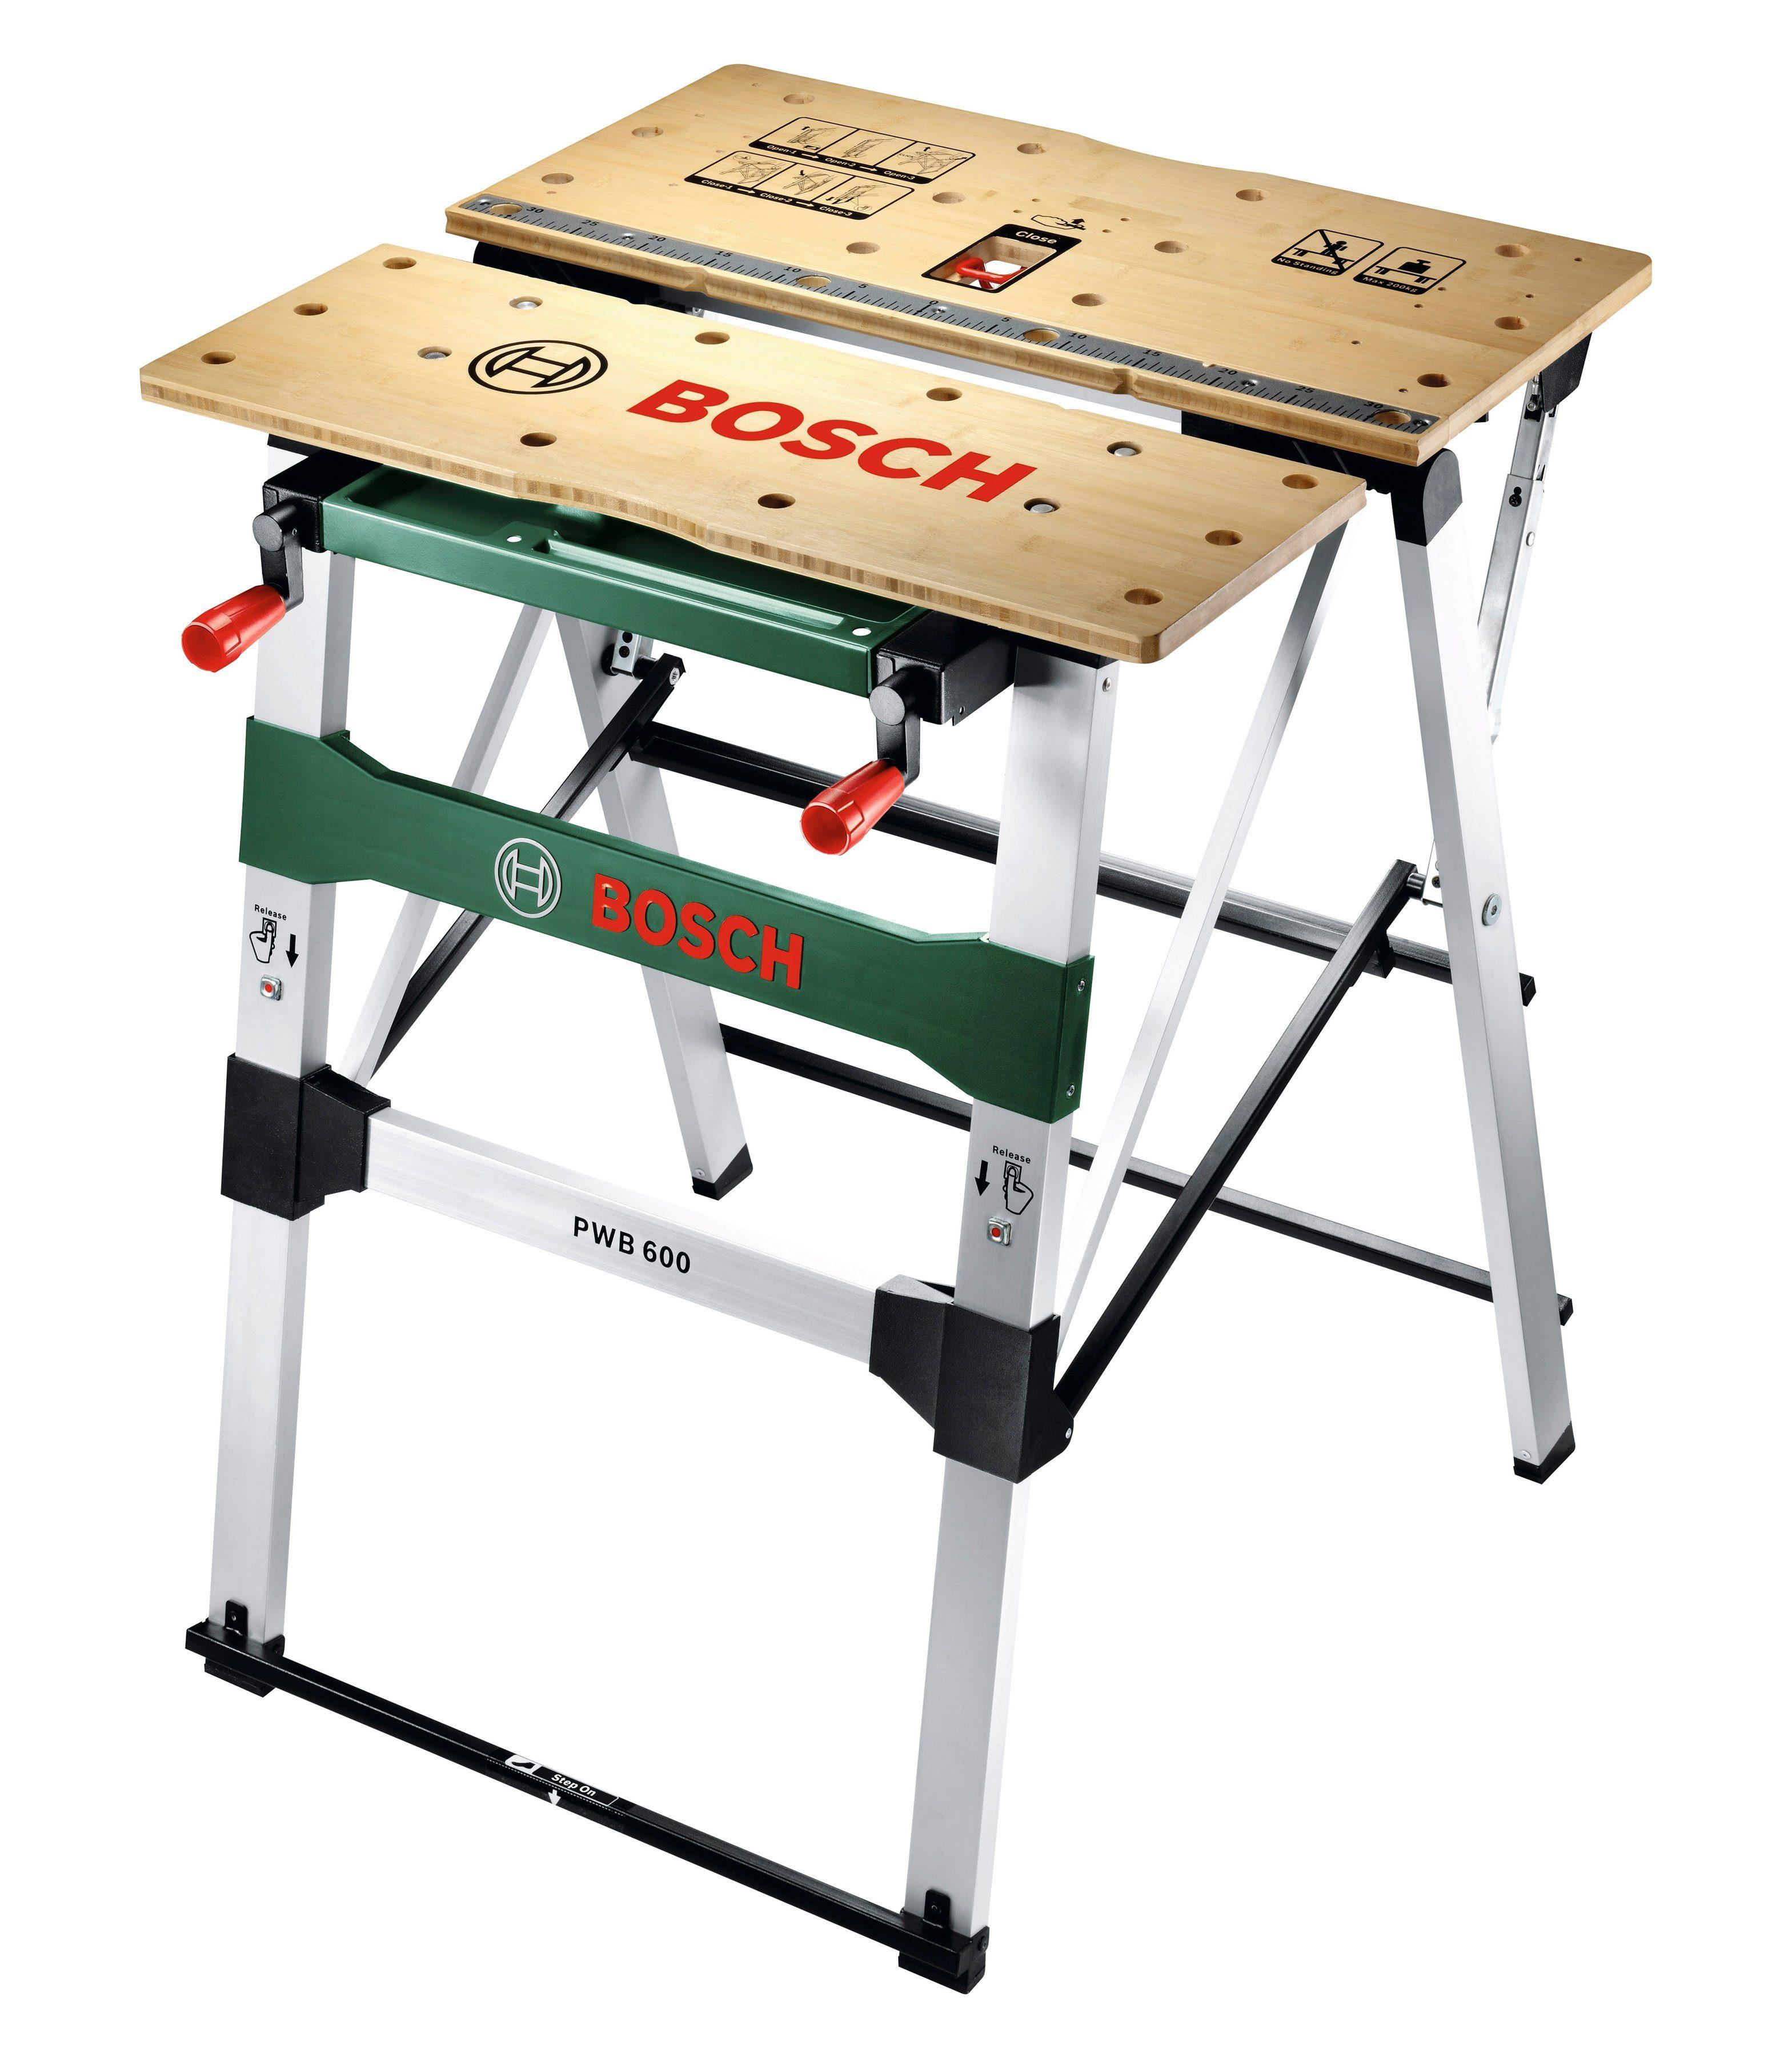 Bosch Arbeitstisch »PBW 600«